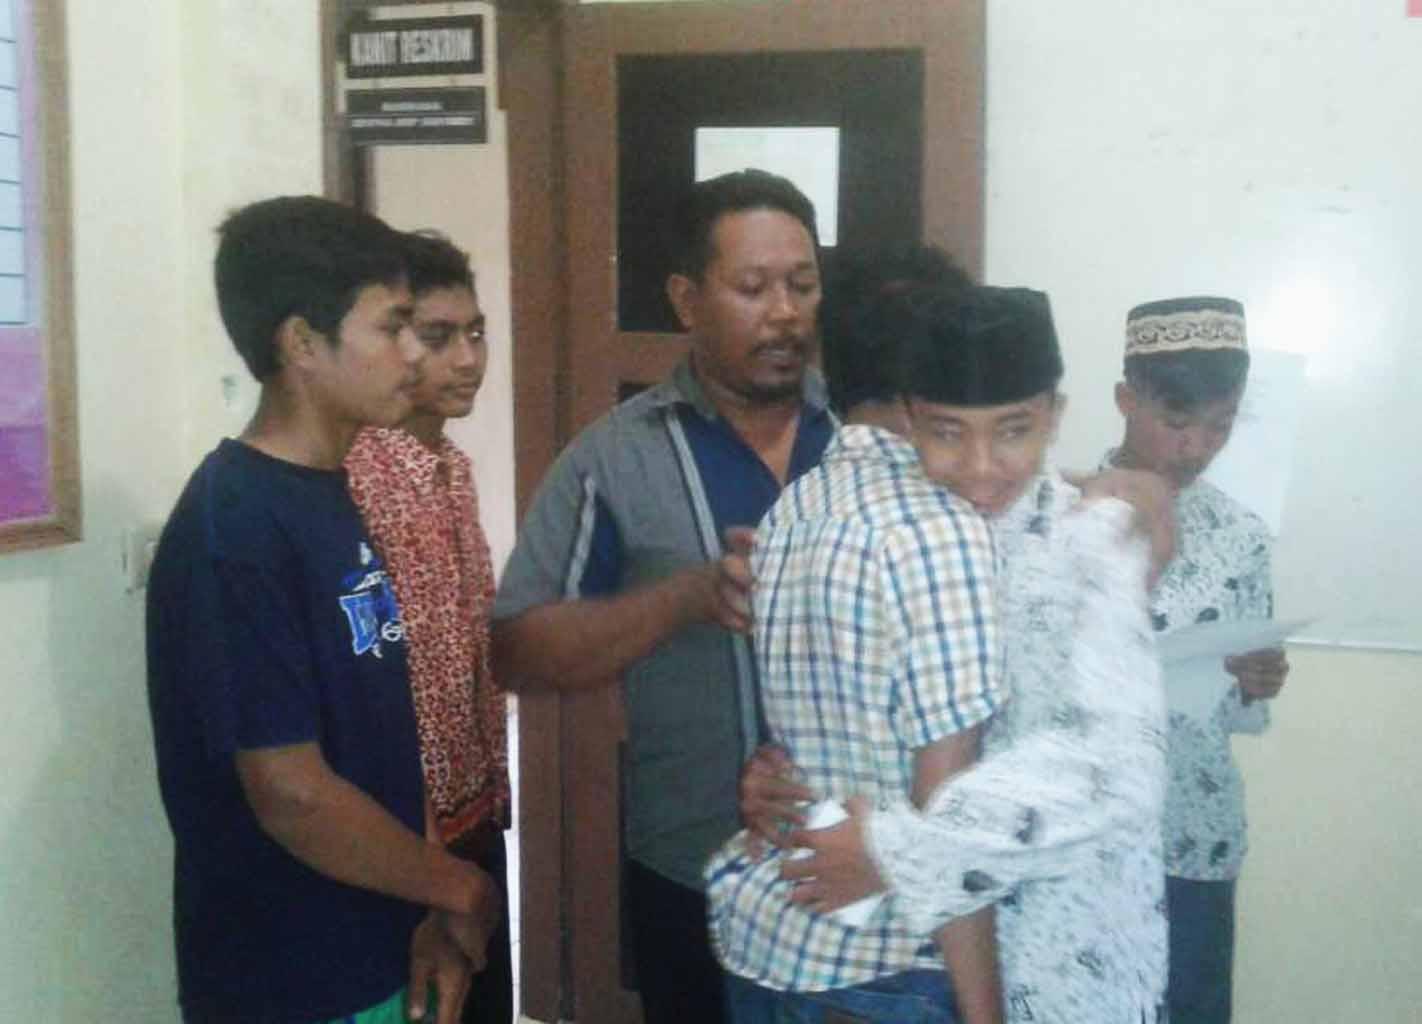 Peran Bhabinkamtibmas Selesaikan Perkelahian Antar Pemuda Dengan Damai